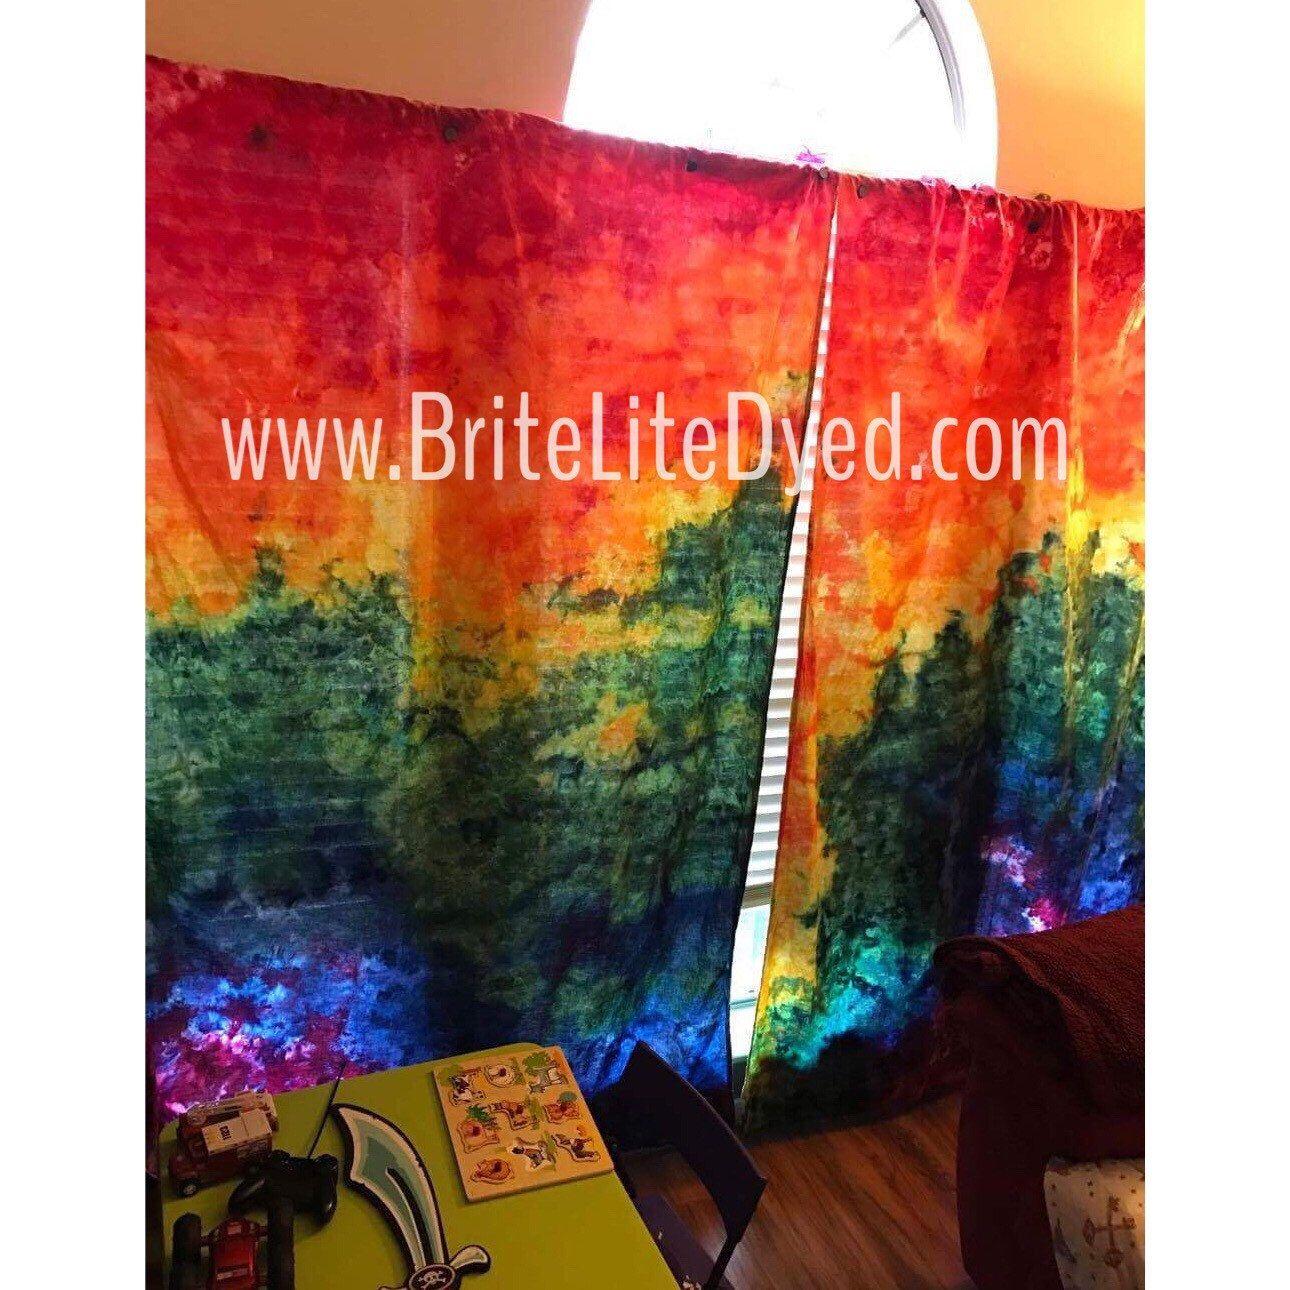 Window Curtains   Tie Dye Curtains   Tiedye Curtains   Hippie Room   Home  Decor   Home Curtains   Window Curtains   Tie Dye   Tye Dye